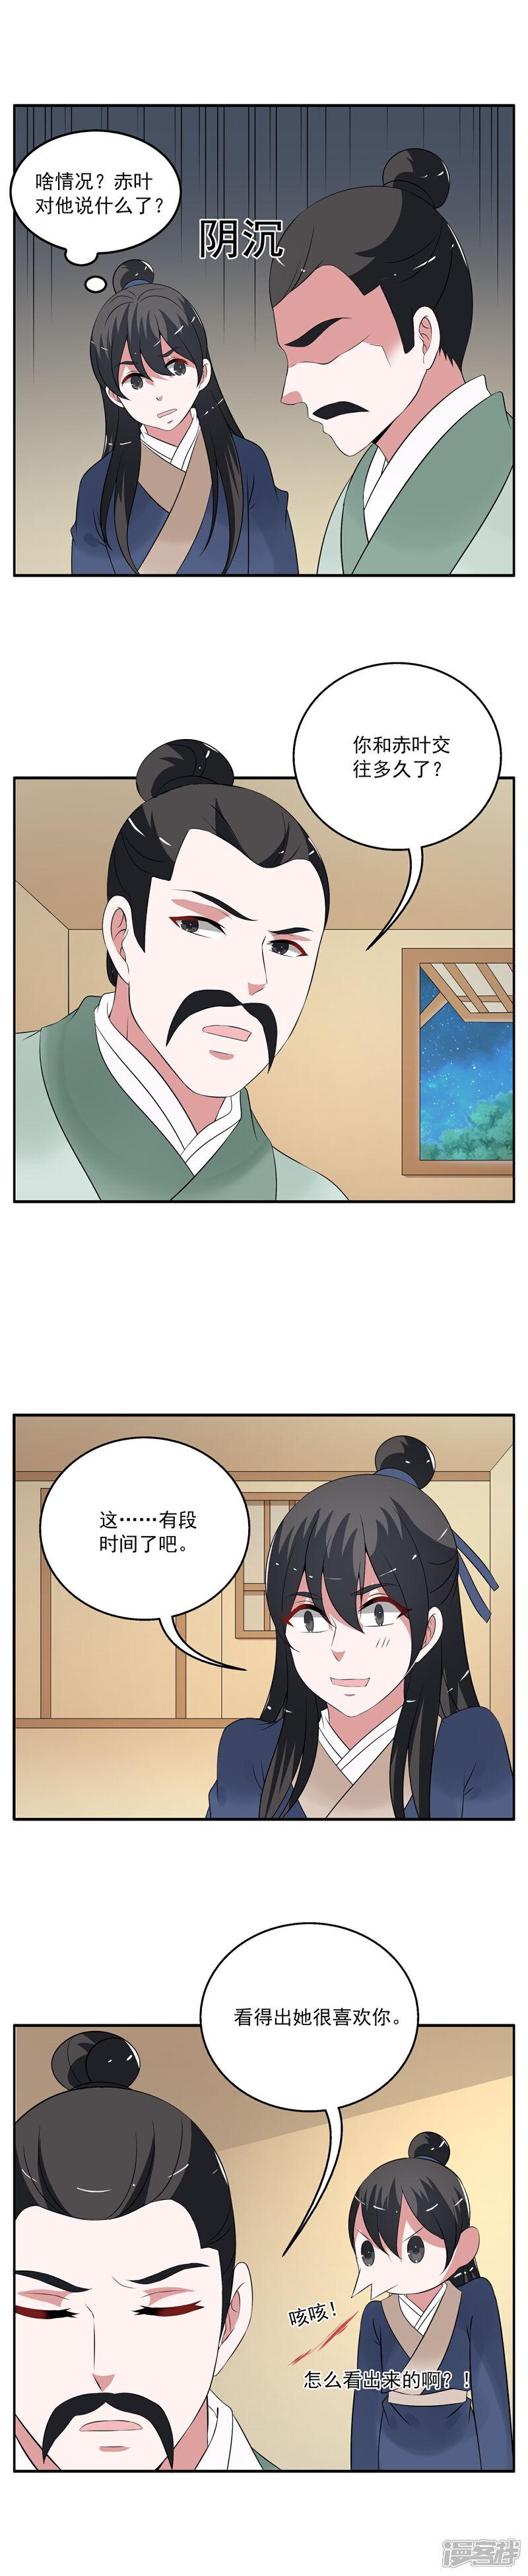 洛小妖184 (6).JPG